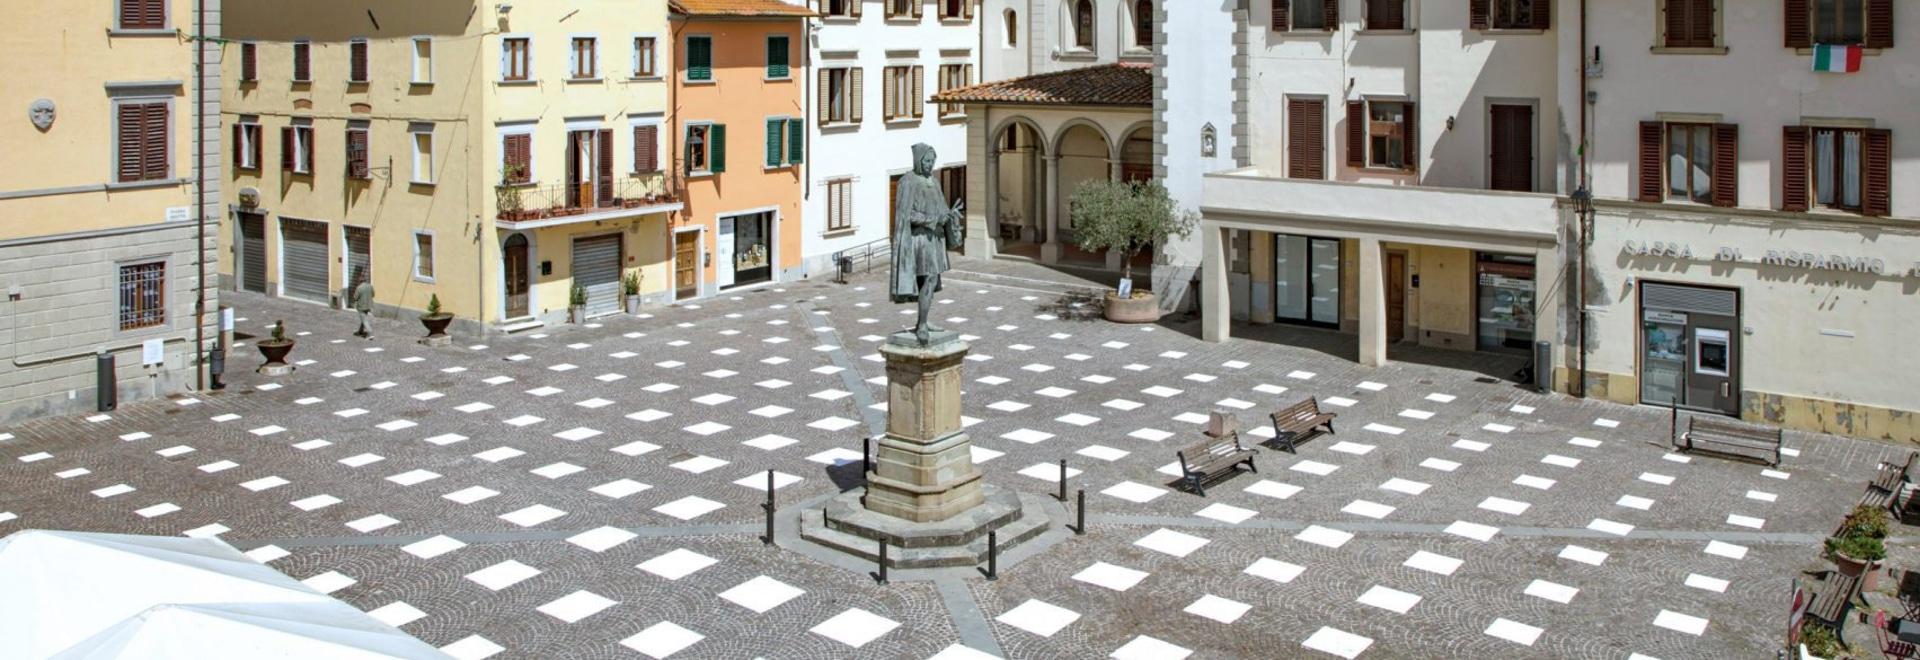 Caret Studio instala un sistema de distanciamiento social en la Plaza de Italia